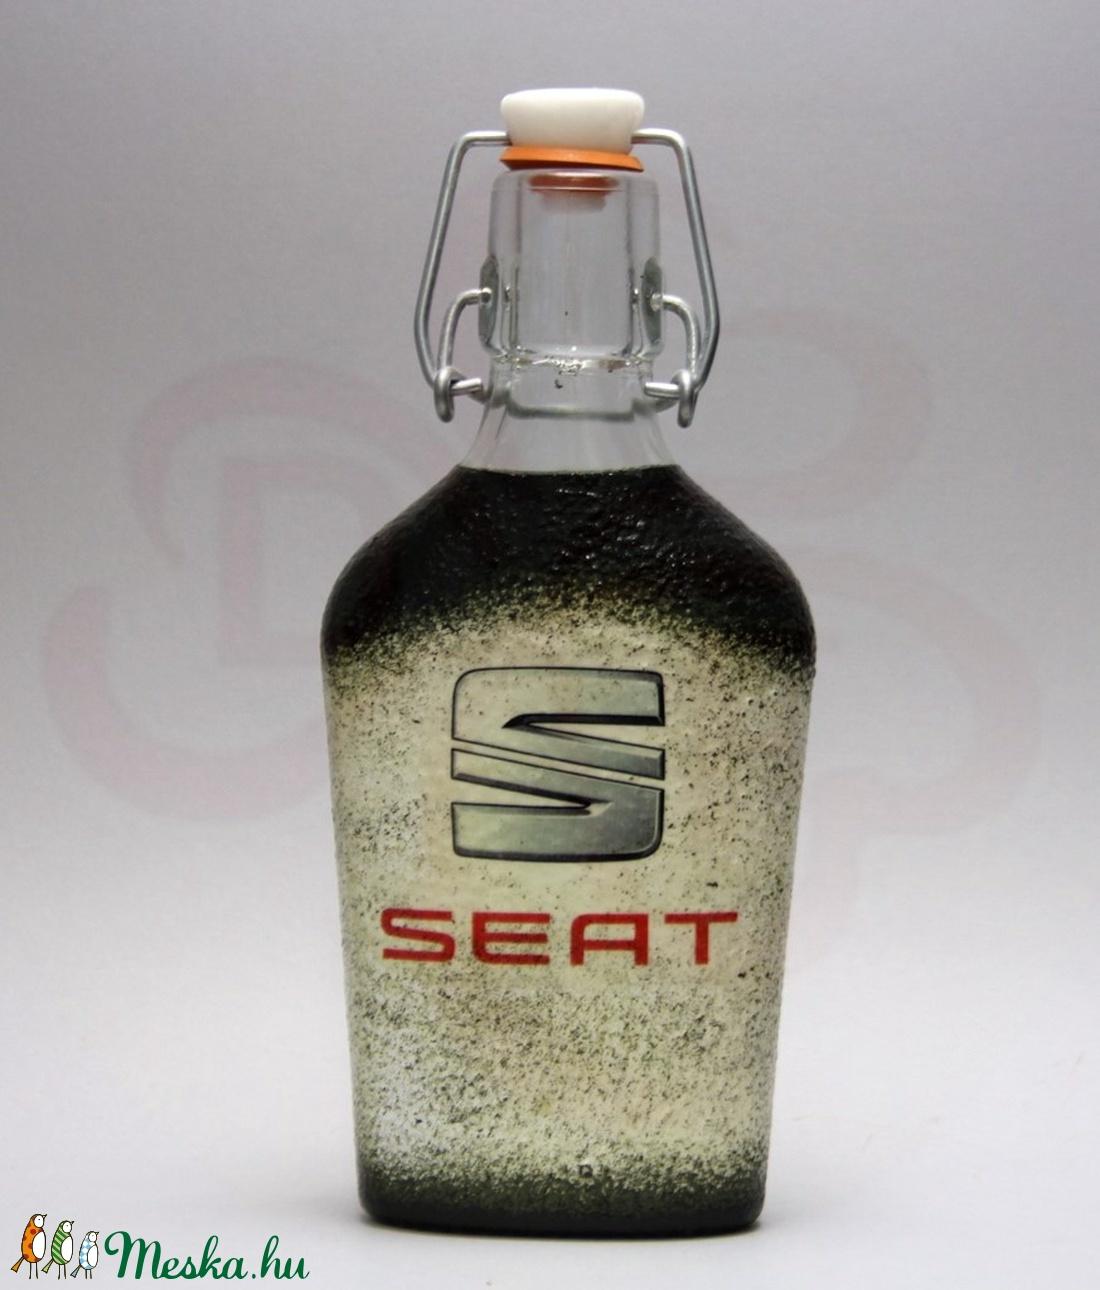 SEAT csatosüveg ; autó rajongóknak ; Saját autód fotójával is - Meska.hu